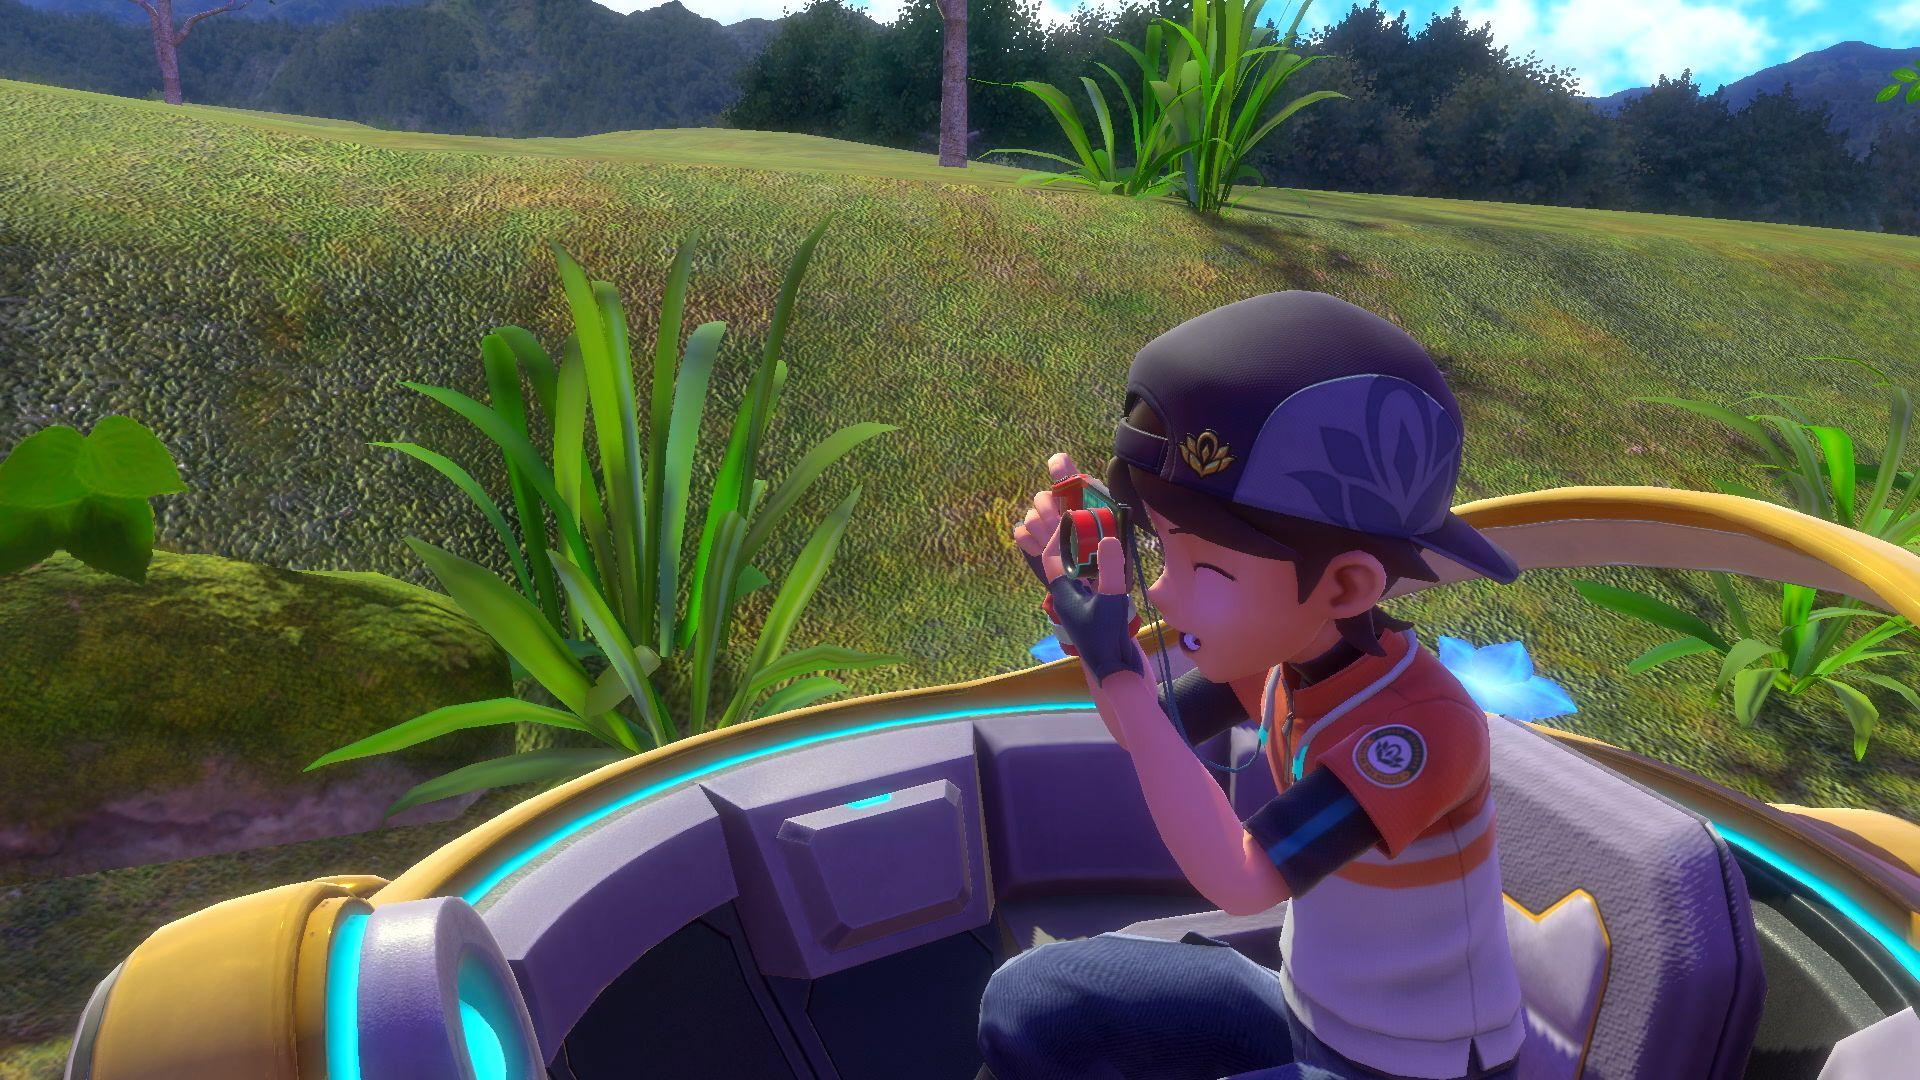 """Ein Junge macht ein Foto mit einer Kamera im Spiel """"New Pokémon Snap""""."""